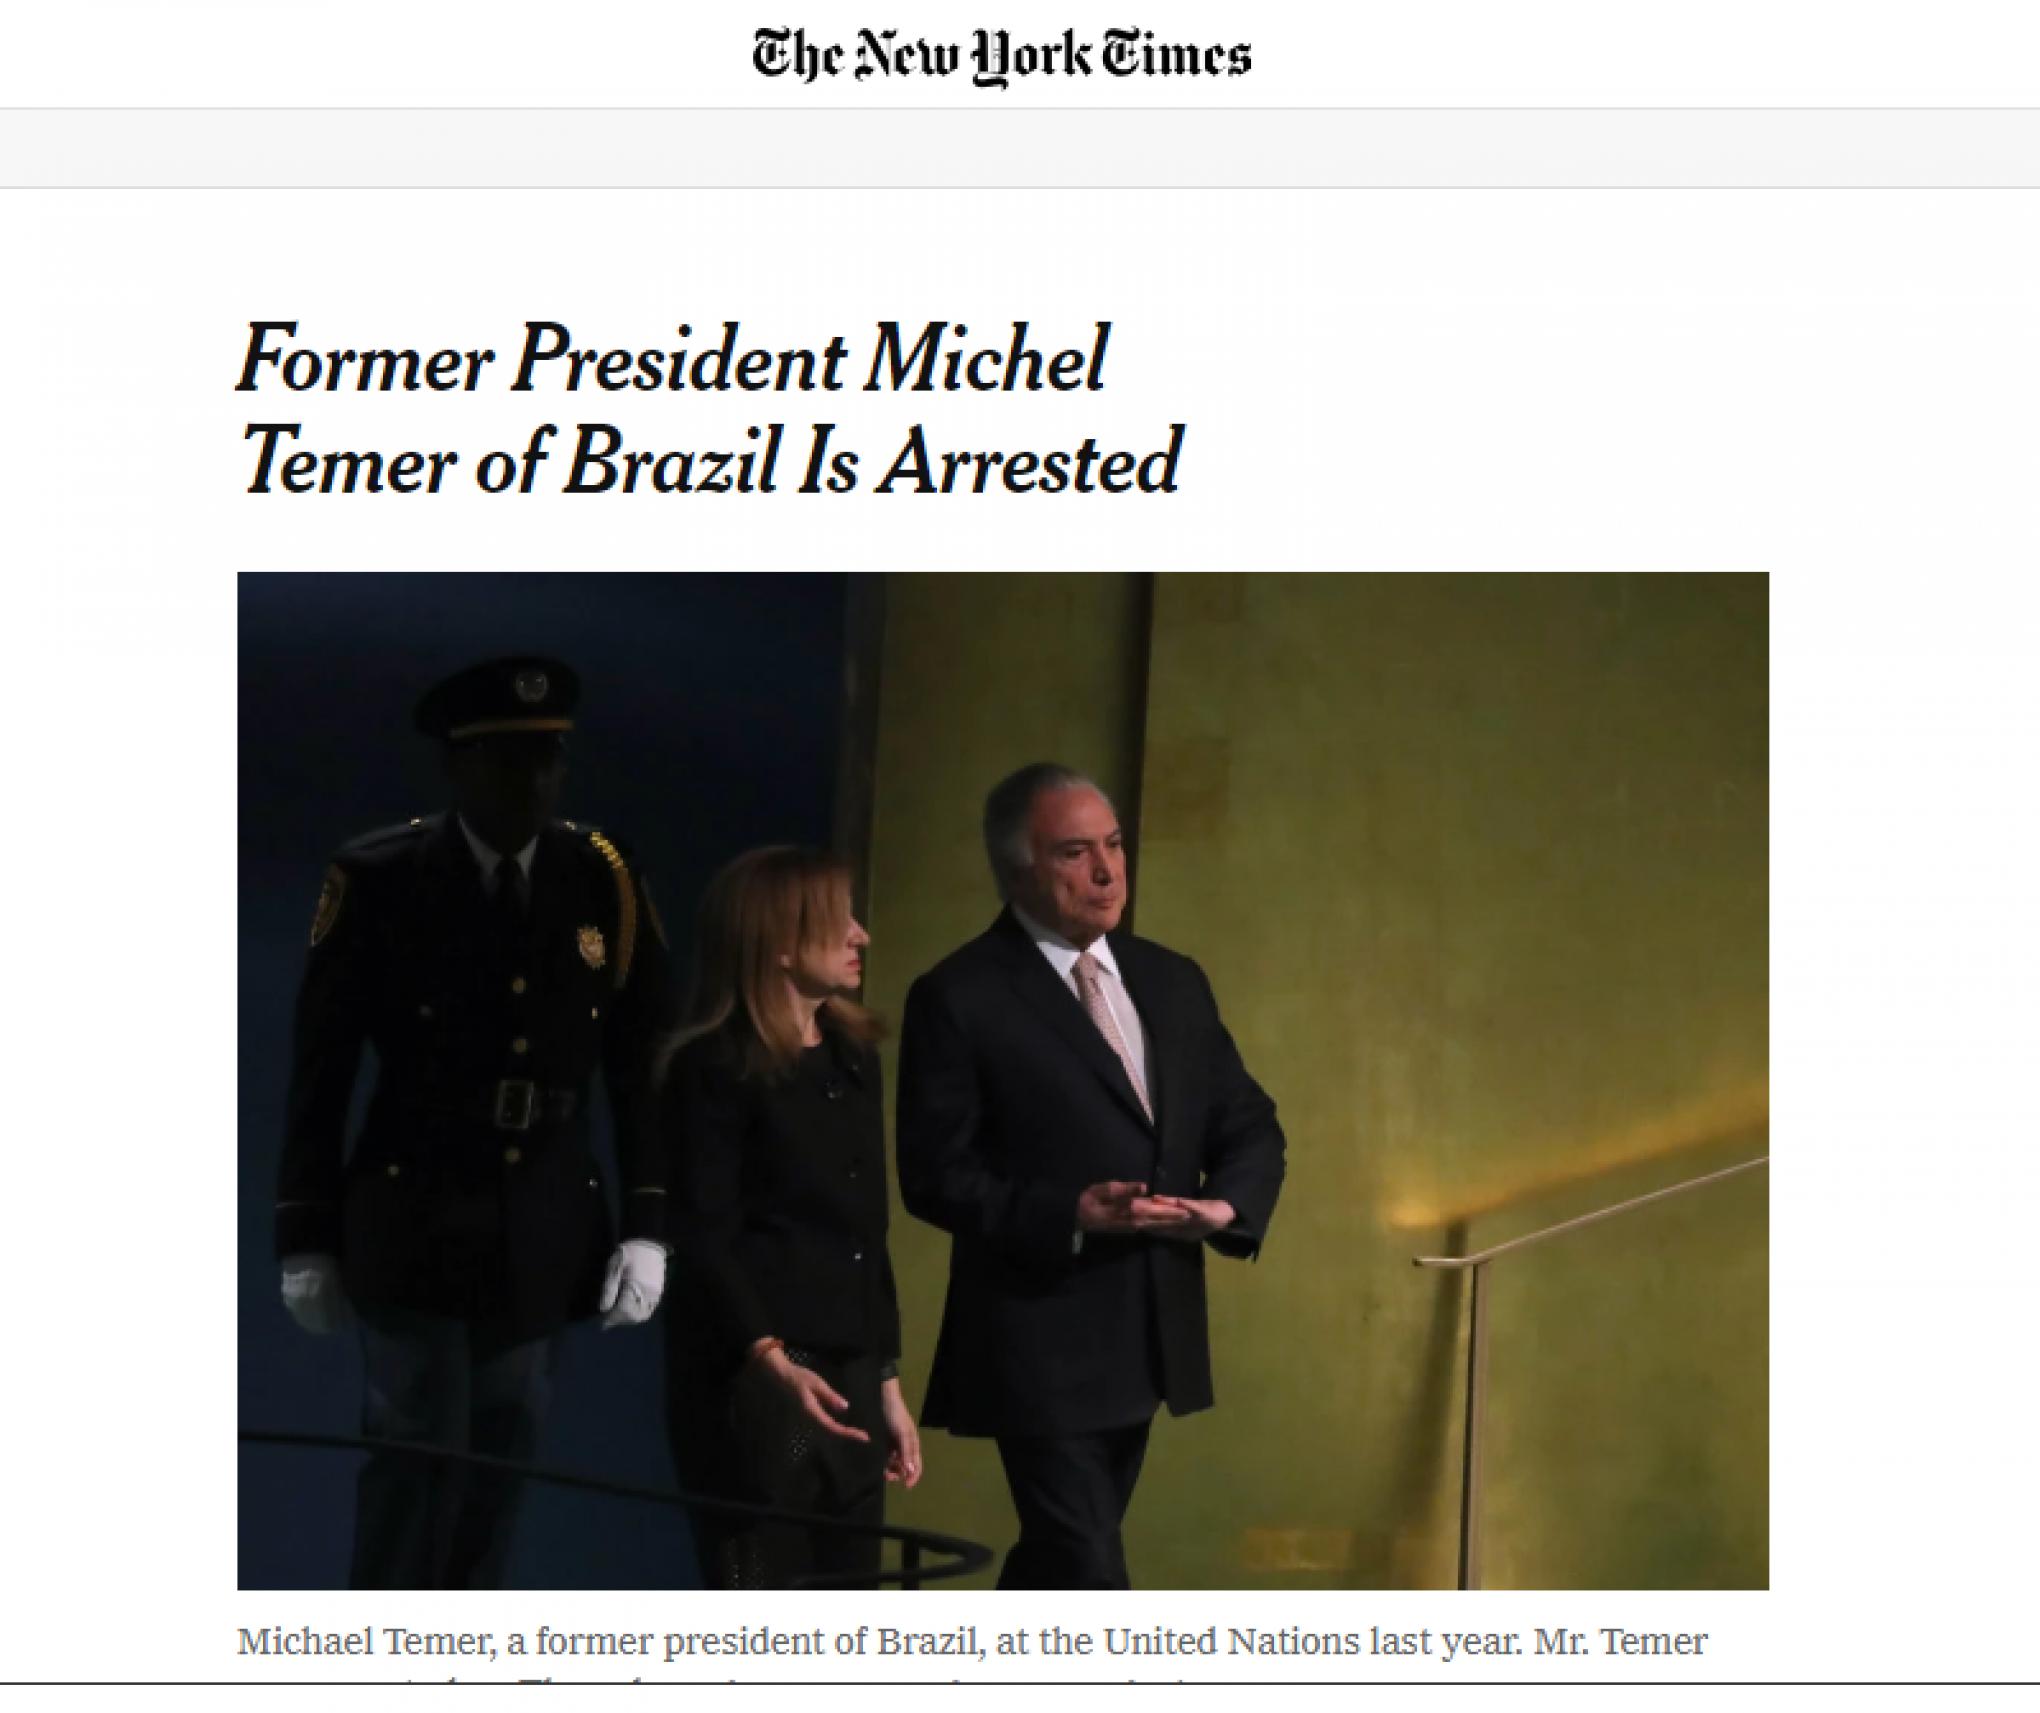 Prisão de Michel Temer também é destaque no The New York Times